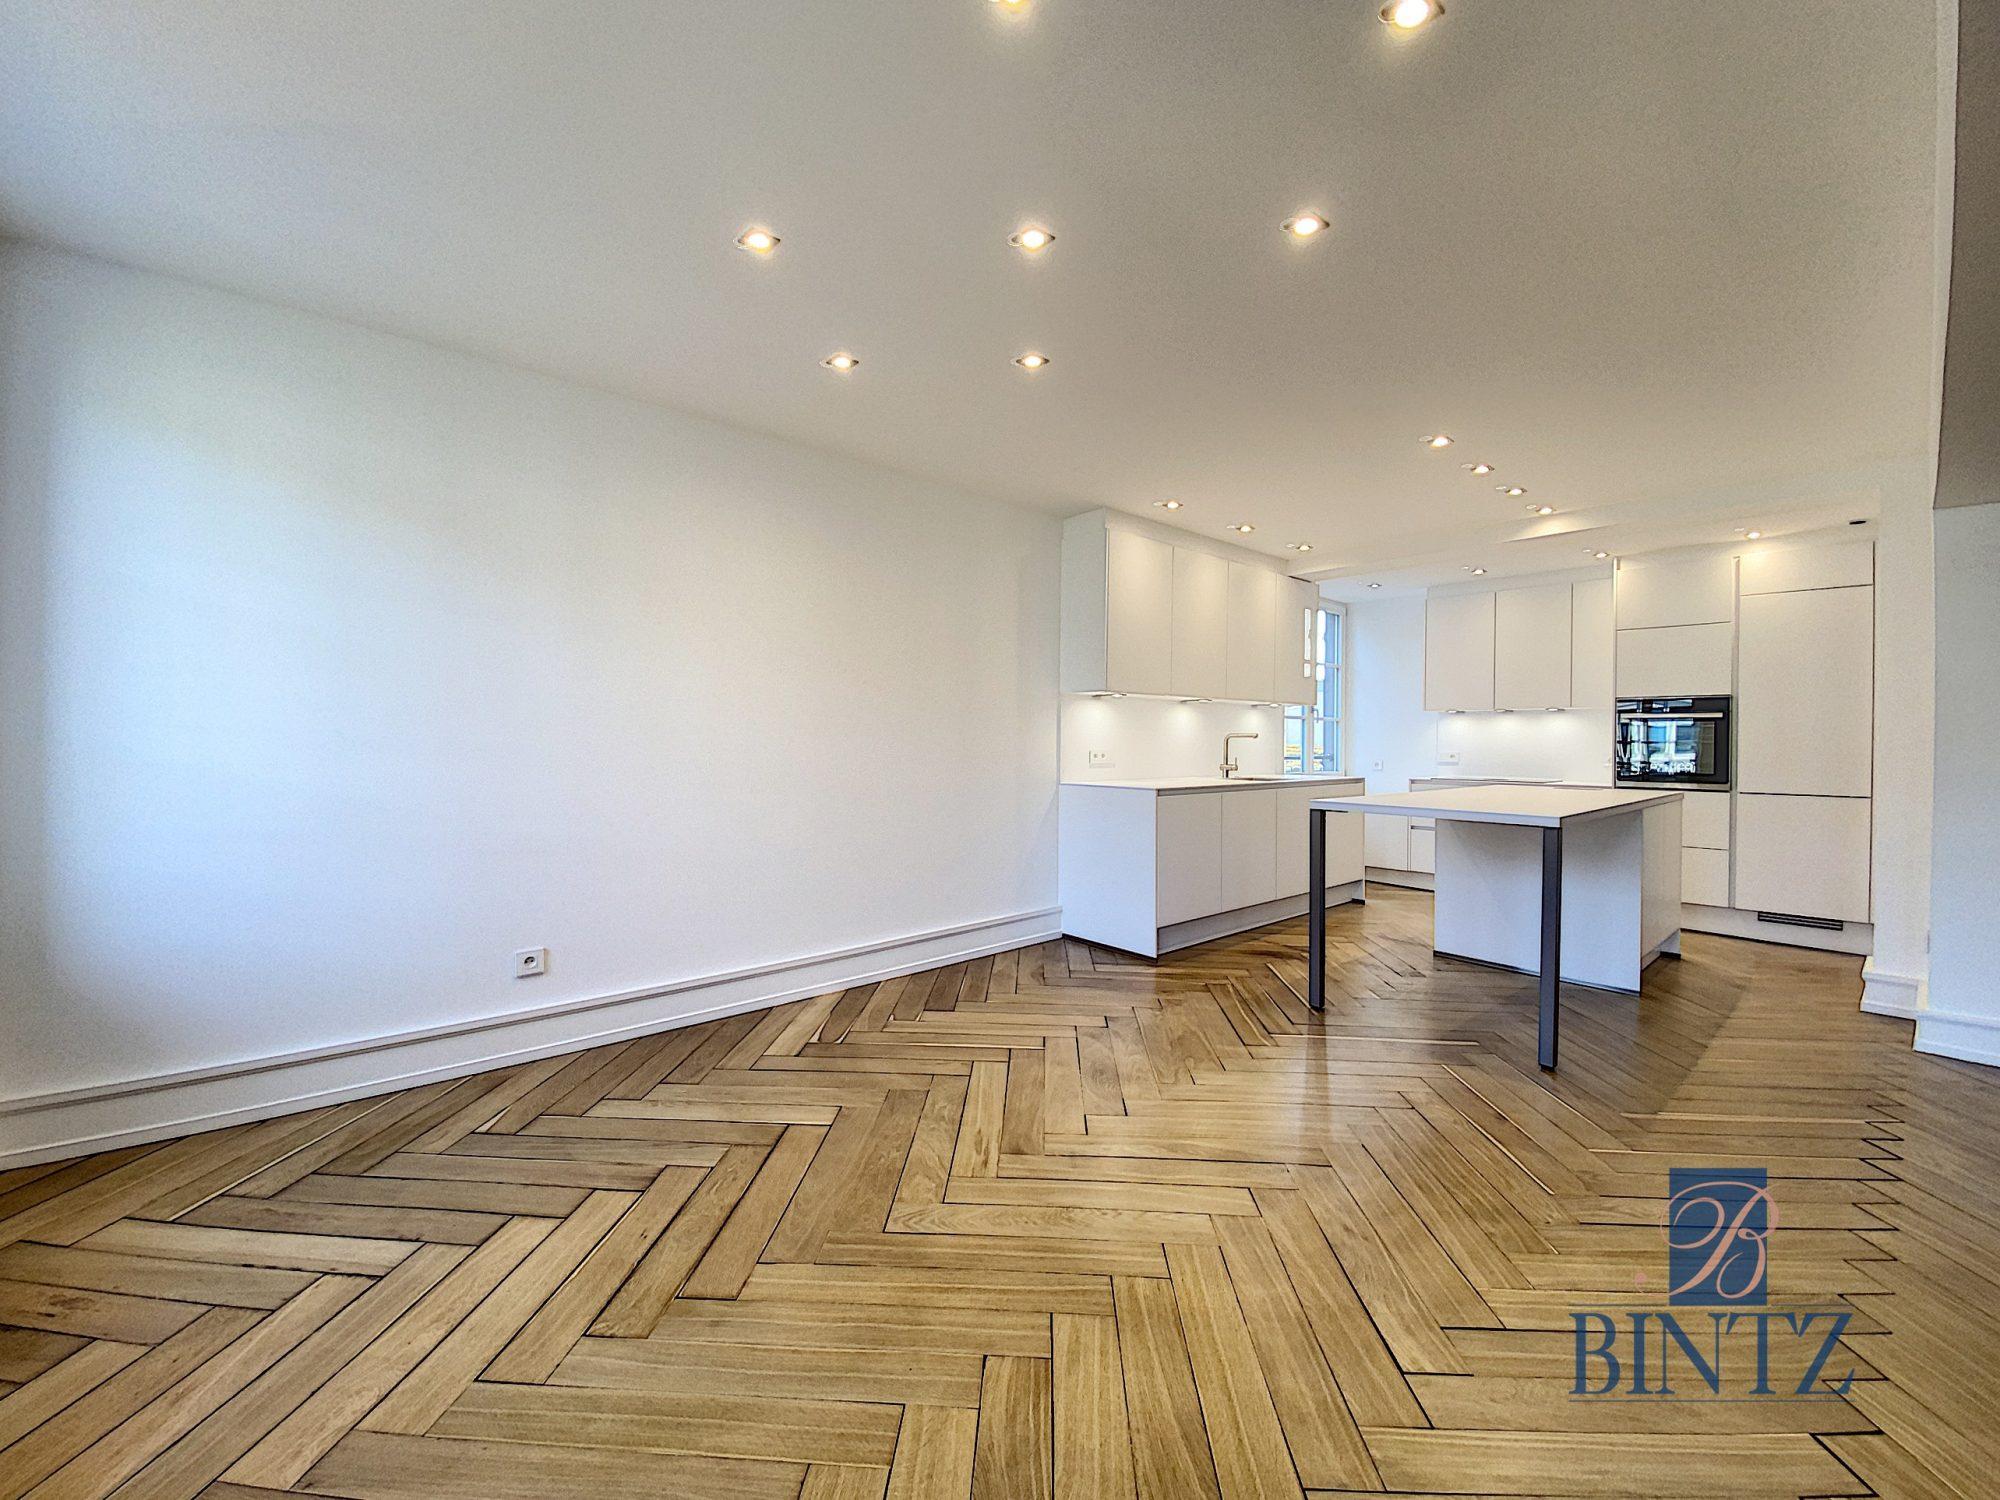 5 pièces d'exception face à la mairie - Devenez locataire en toute sérénité - Bintz Immobilier - 14